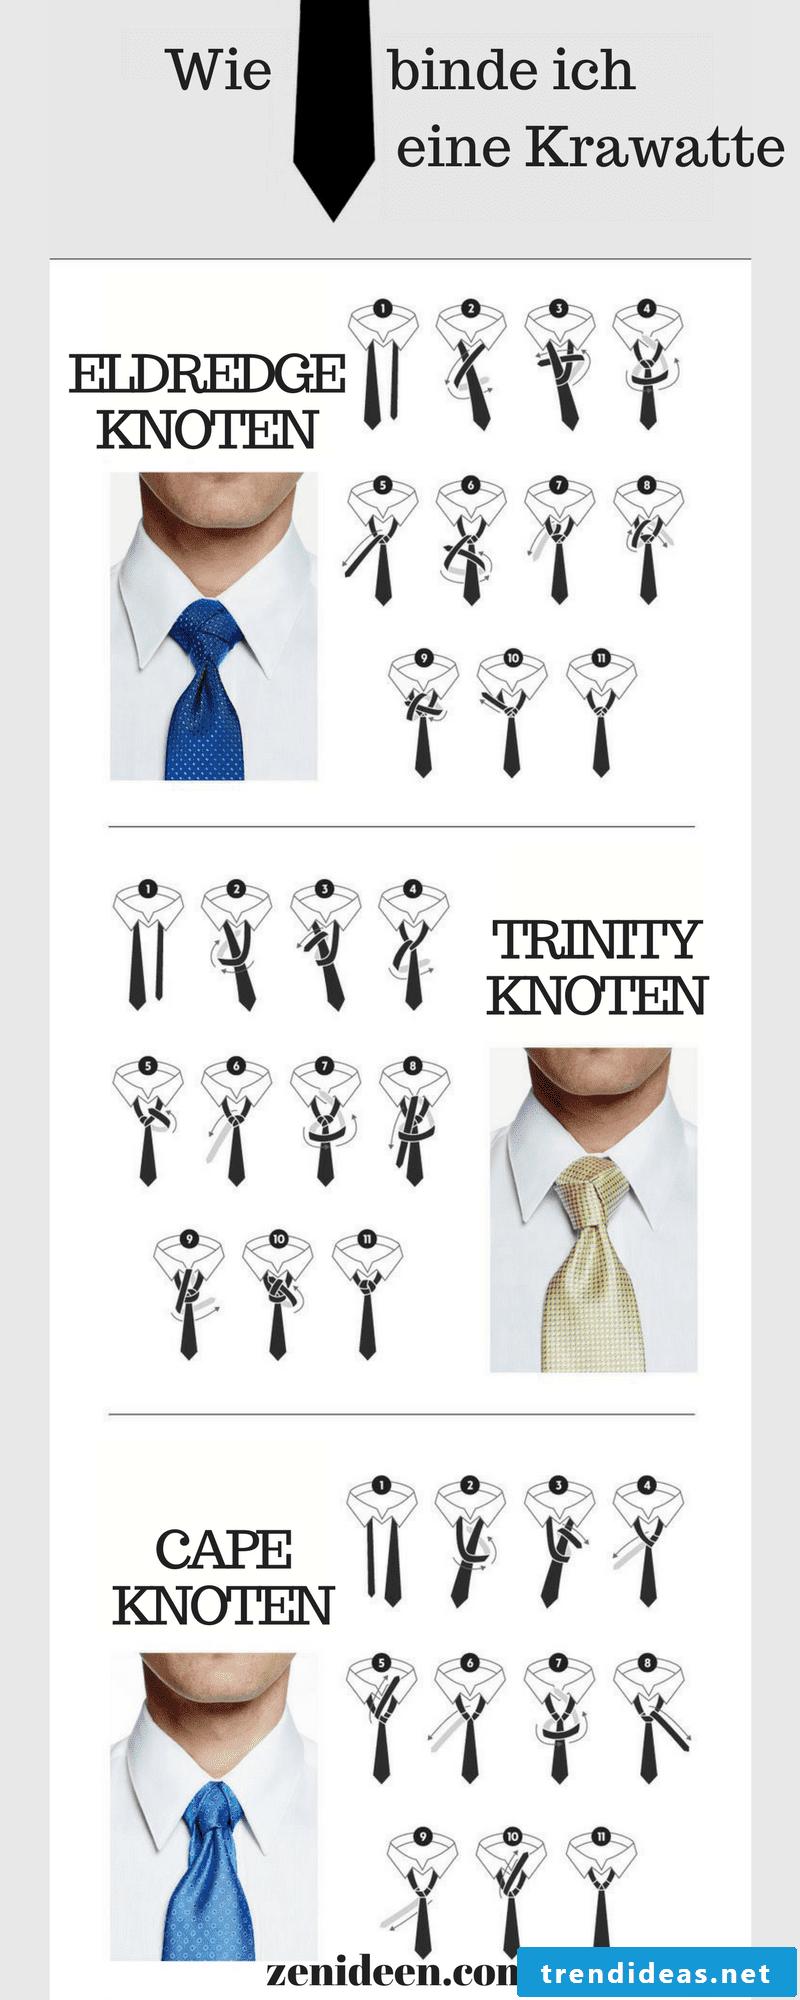 How do I tie a tie?